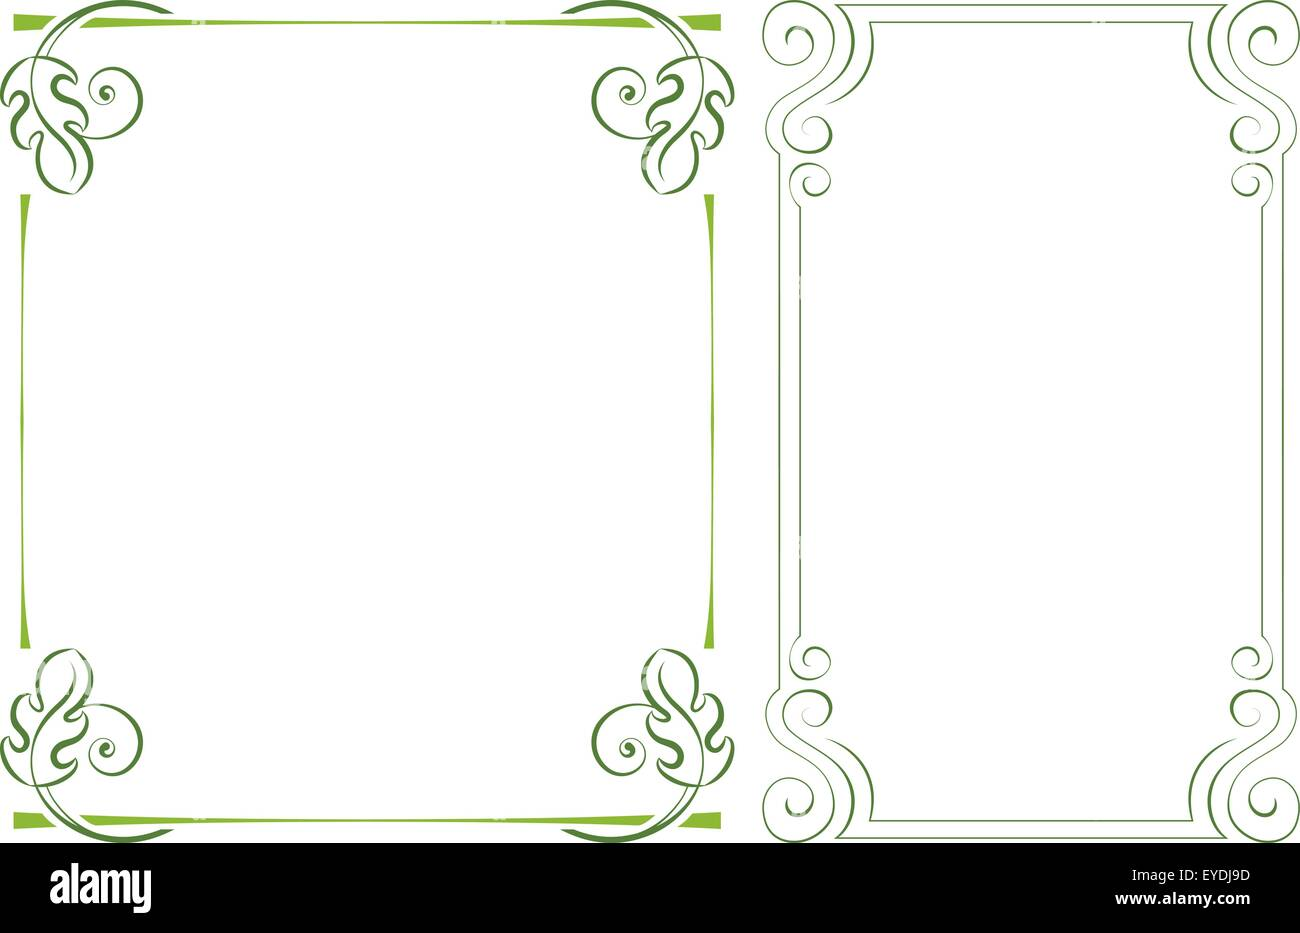 Vektor vertikalen Rahmen gesetzt. Element für Grafik-design Vektor ...